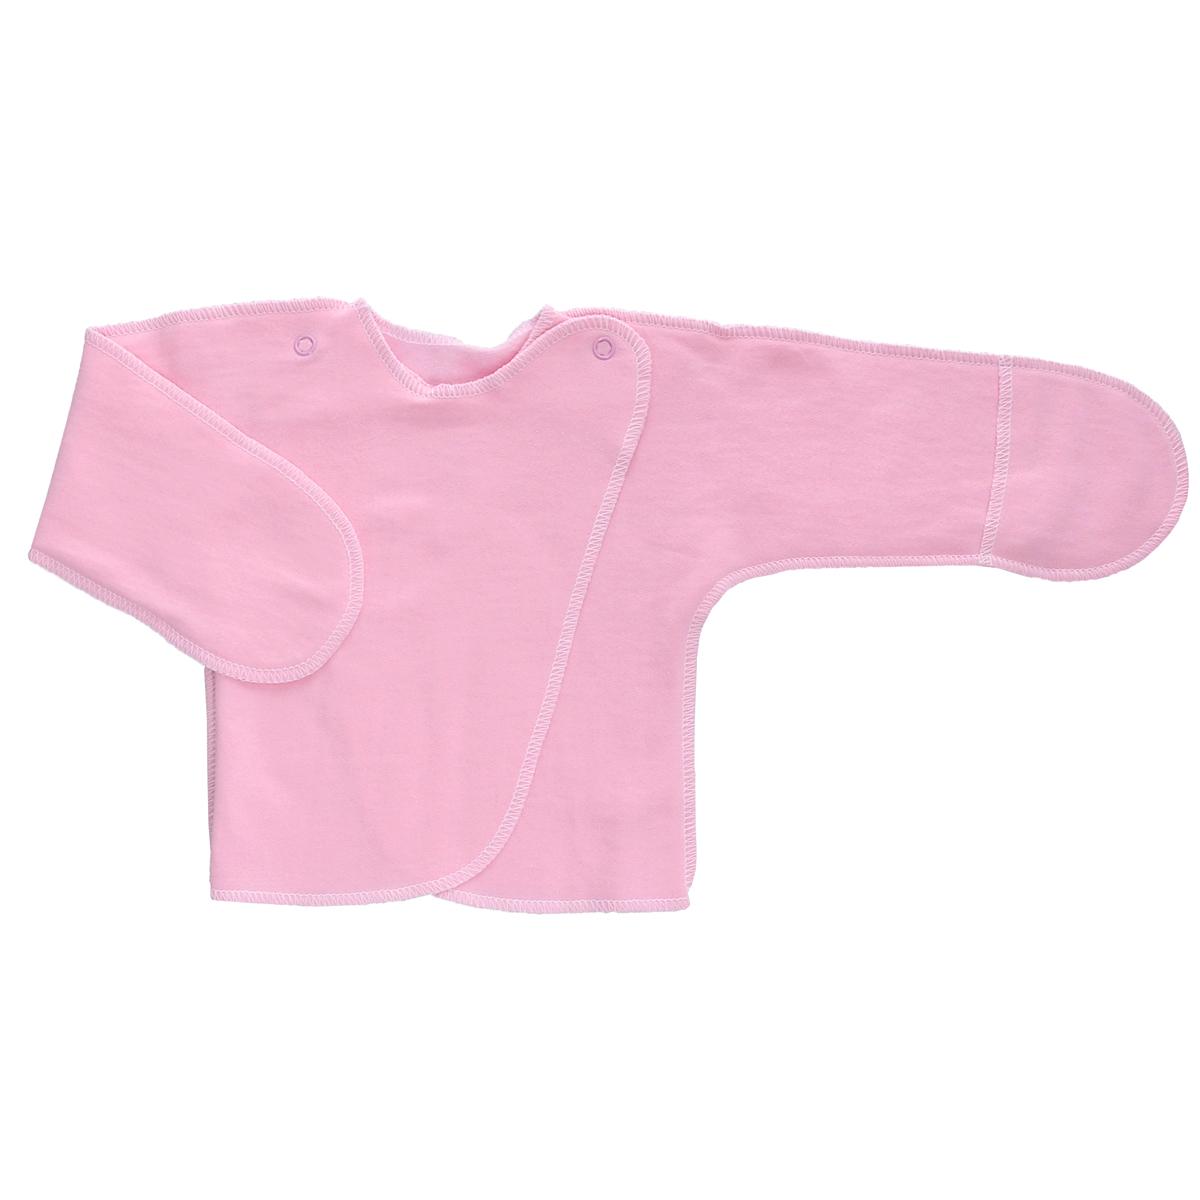 Распашонка Трон-Плюс, цвет: розовый. 5023. Размер 68, 6 месяцев распашонка для девочки котмаркот дрим цвет розовый белый 4270 размер 68 3 6 месяцев